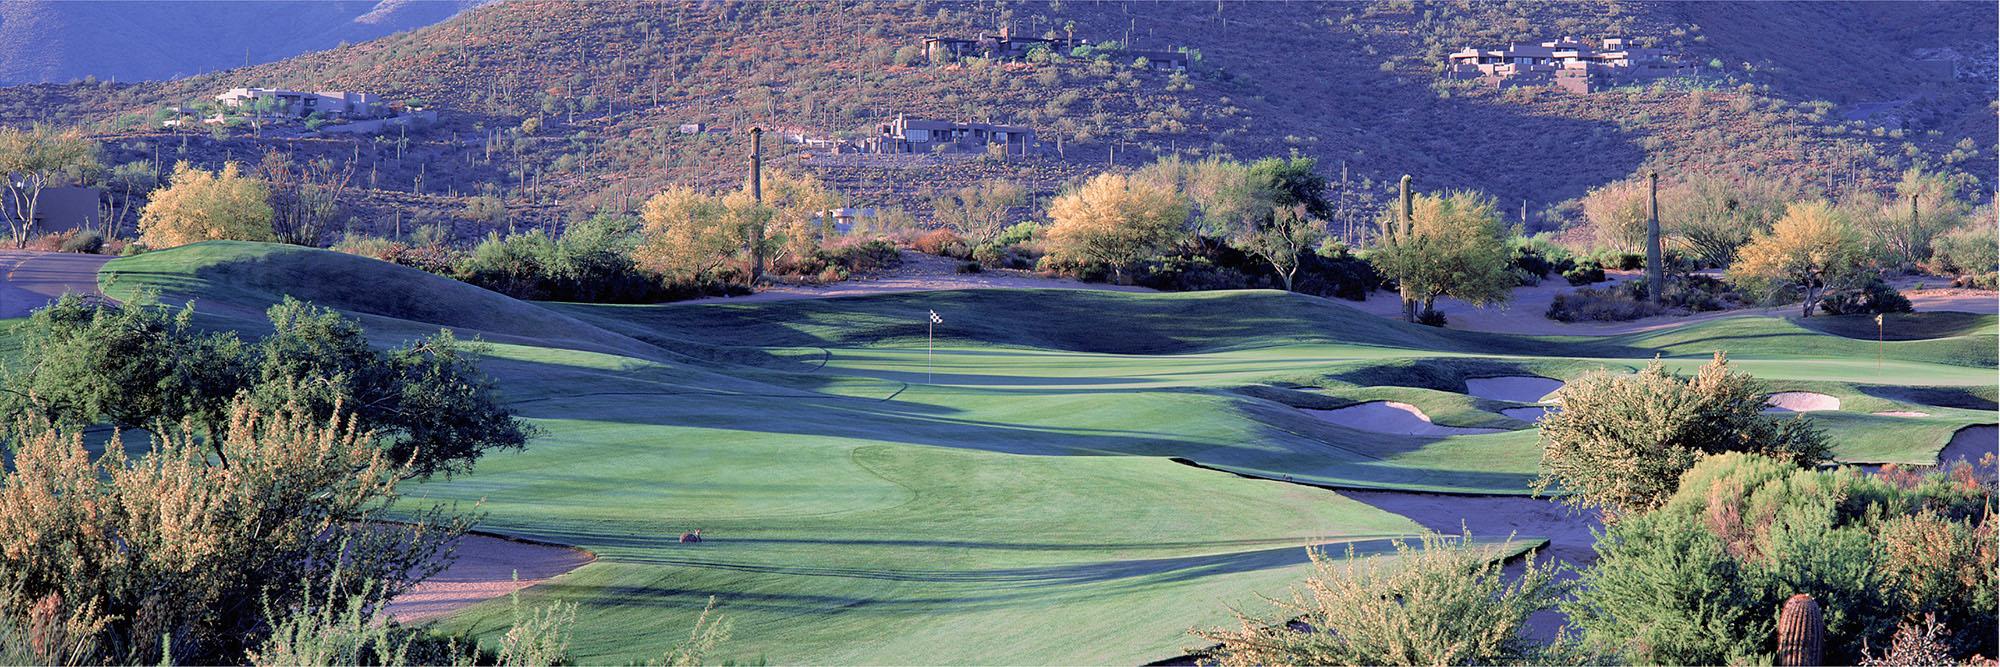 Golf Course Image - Desert Mountain Renegade No. 14